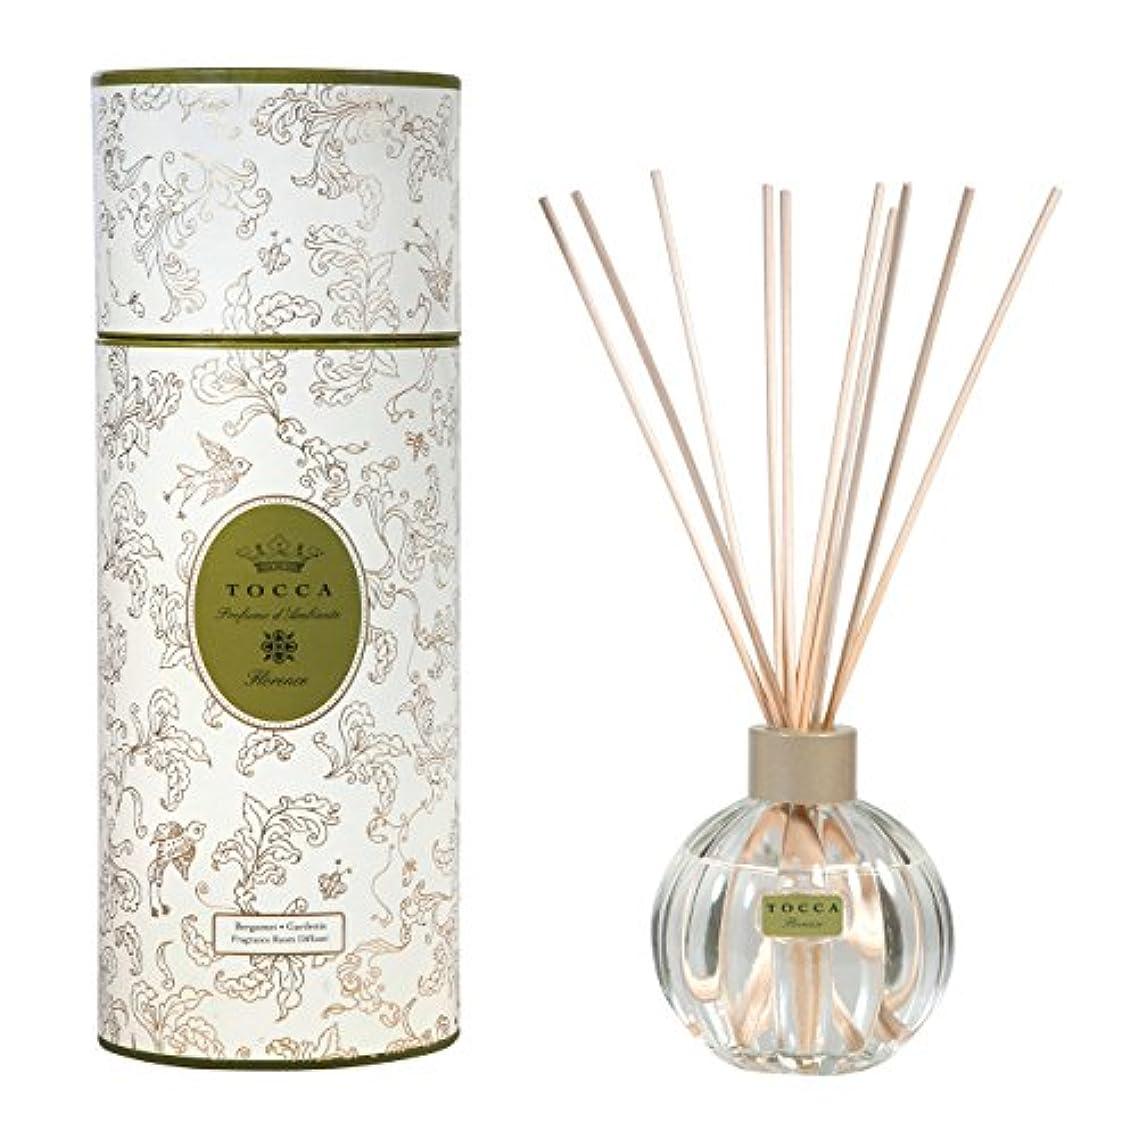 ケント不透明な裁判所トッカ(TOCCA) リードディフューザー フローレンスの香り 175ml 3~4ヶ月持続(芳香剤 ルームフレグランス ガーデニアとベルガモットが誘うように溶け合うどこまでも上品なフローラルの香り)